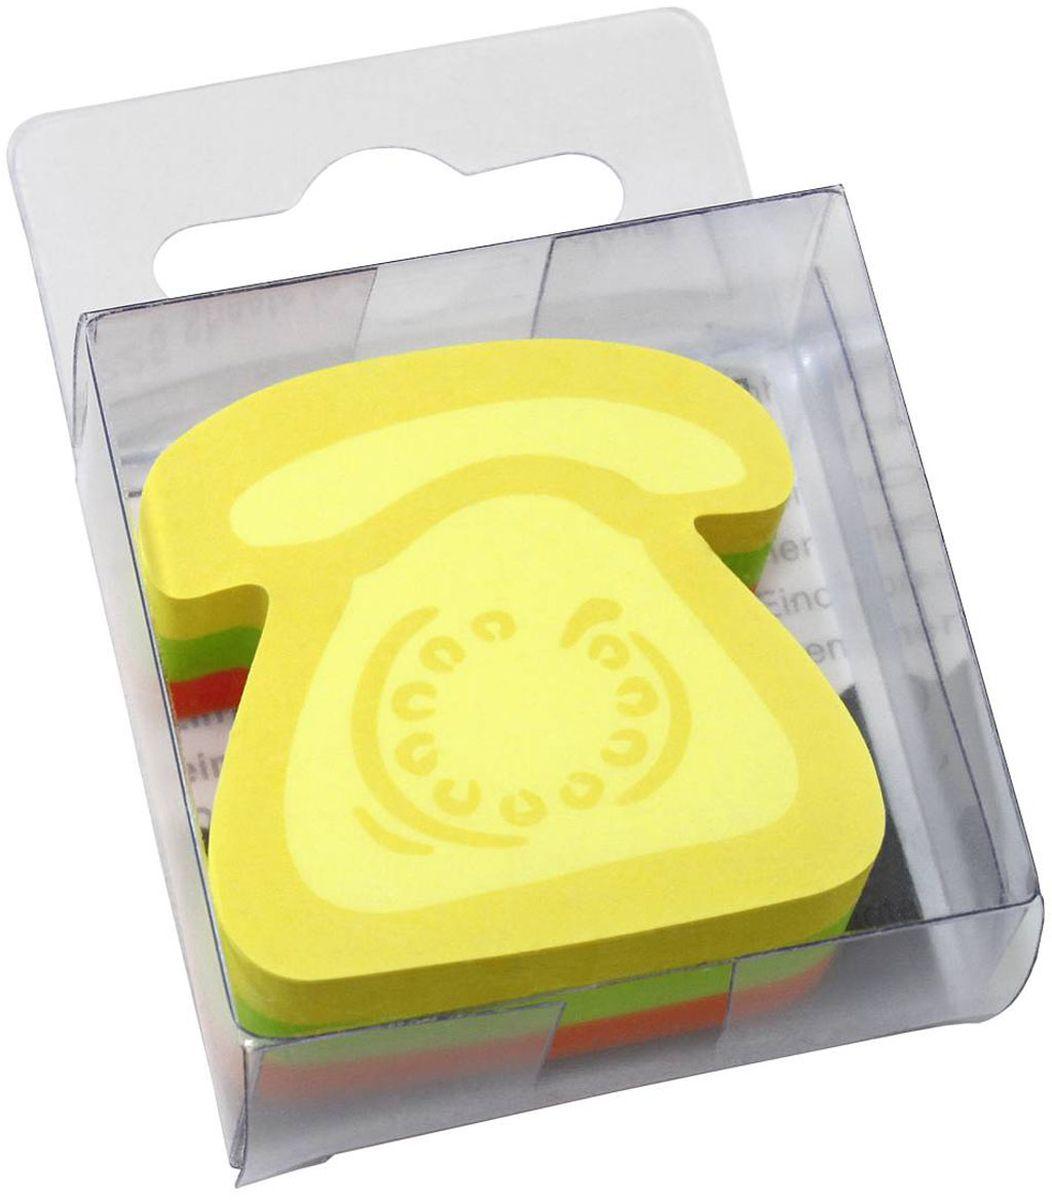 Global Notes Бумага для заметок с липким слоем Телефон 5 х 5 см 225 листов0703415Бумага для заметок с липким слоем Global Notes Телефон - яркие фигурные листочки с клейким краем обязательно привлекут внимание к вашему сообщению. Листочки легко приклеиваются к любой поверхности, будь то бумага, корпус монитора, дверь. Не оставляют следов после отклеивания.